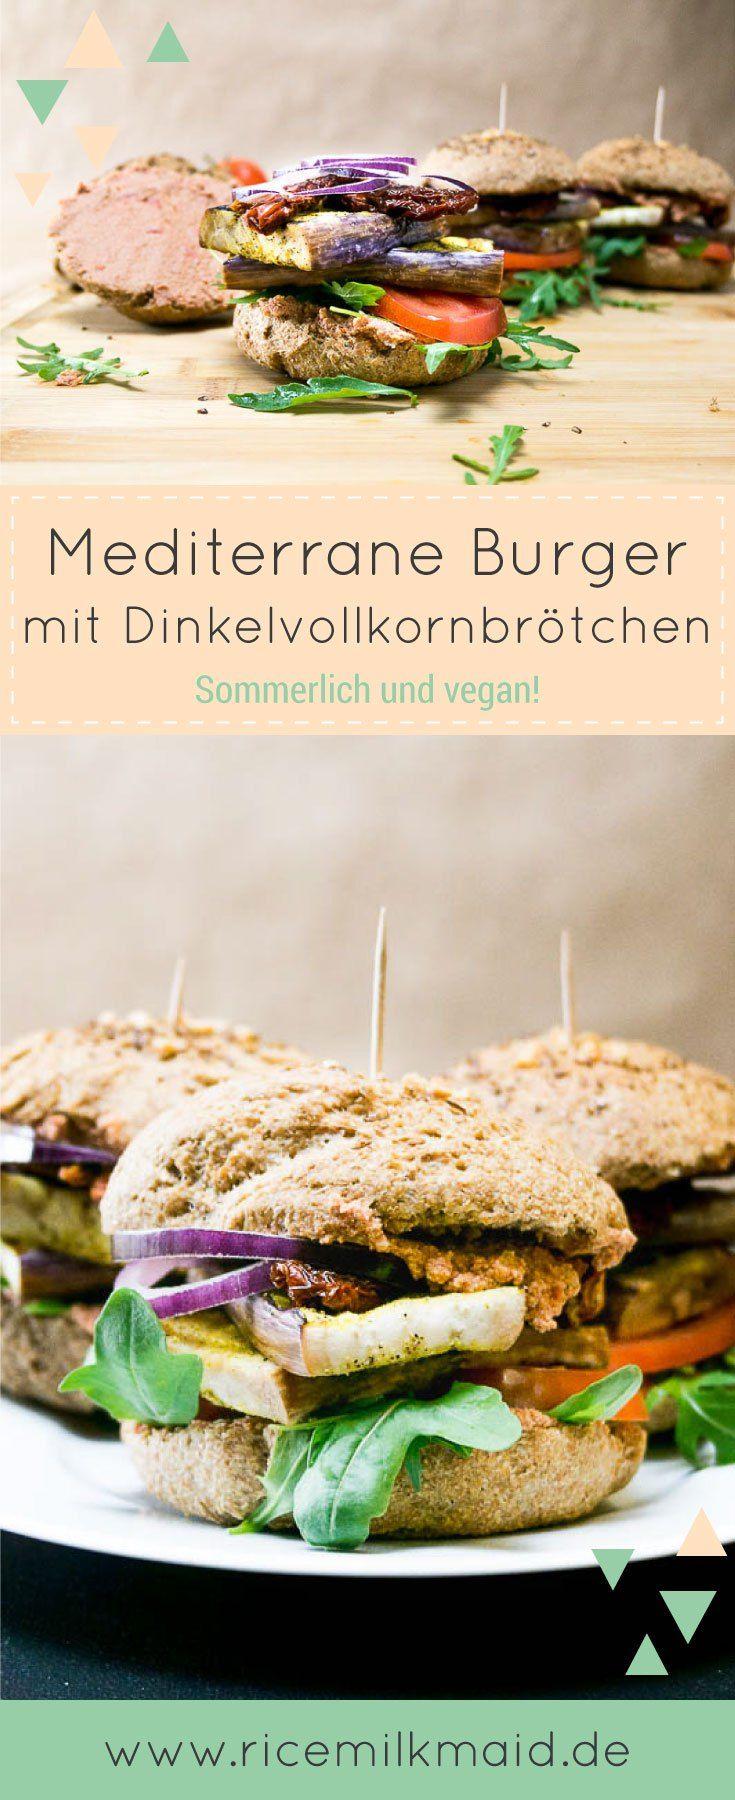 Mediterrane Burger mit selbst gemachten Dinkelvollkornbrötchen. Natürlich vegan und sommerlich frisch. Mit italiniesch angehauchter Tofucreme und gegrillter Aubergine, getrockneten Tomaten und Rucola. Ein veganer Traum! ♥ | Ricemilkmaid Blog